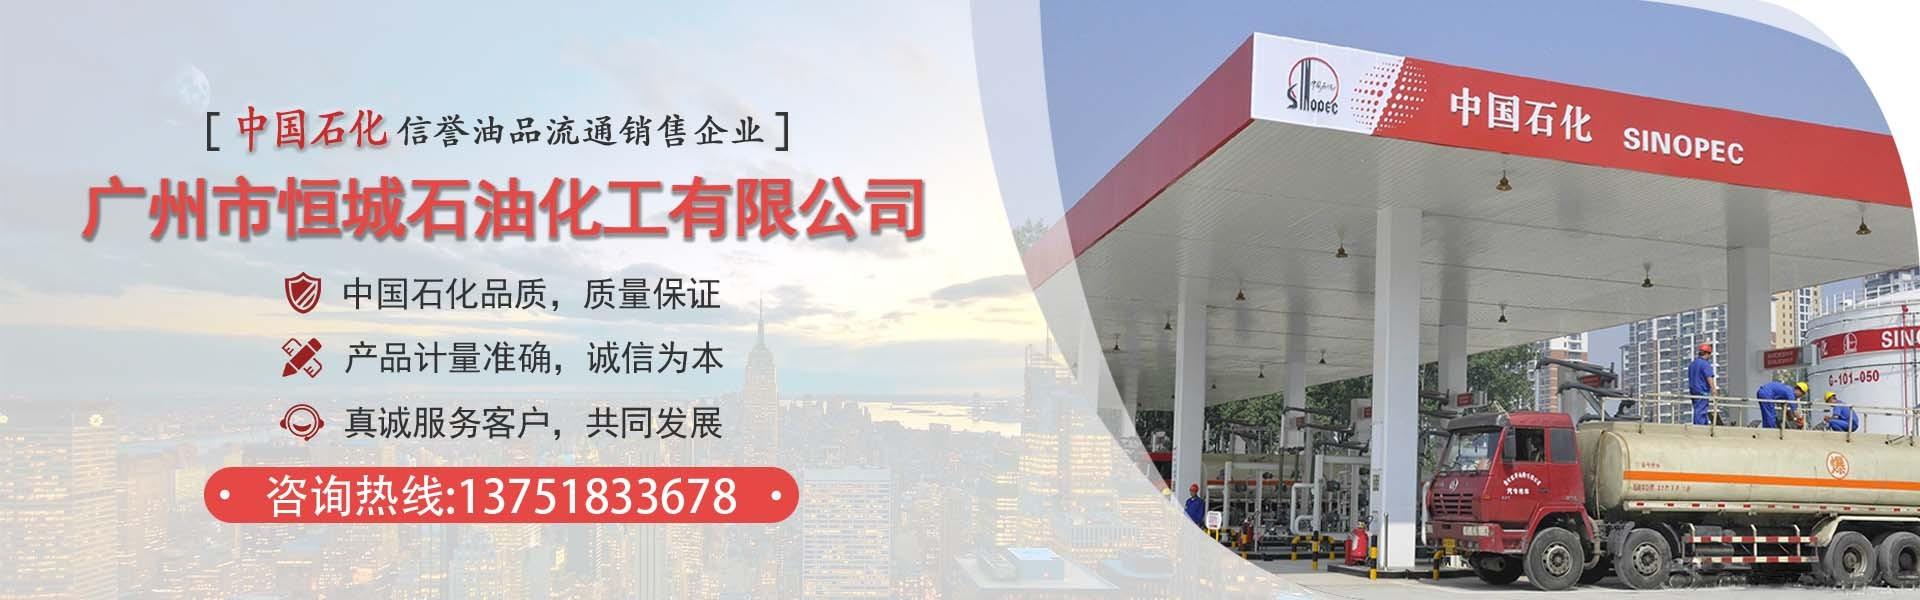 广州柴油批发|佛山柴油批发|广州中石化柴油